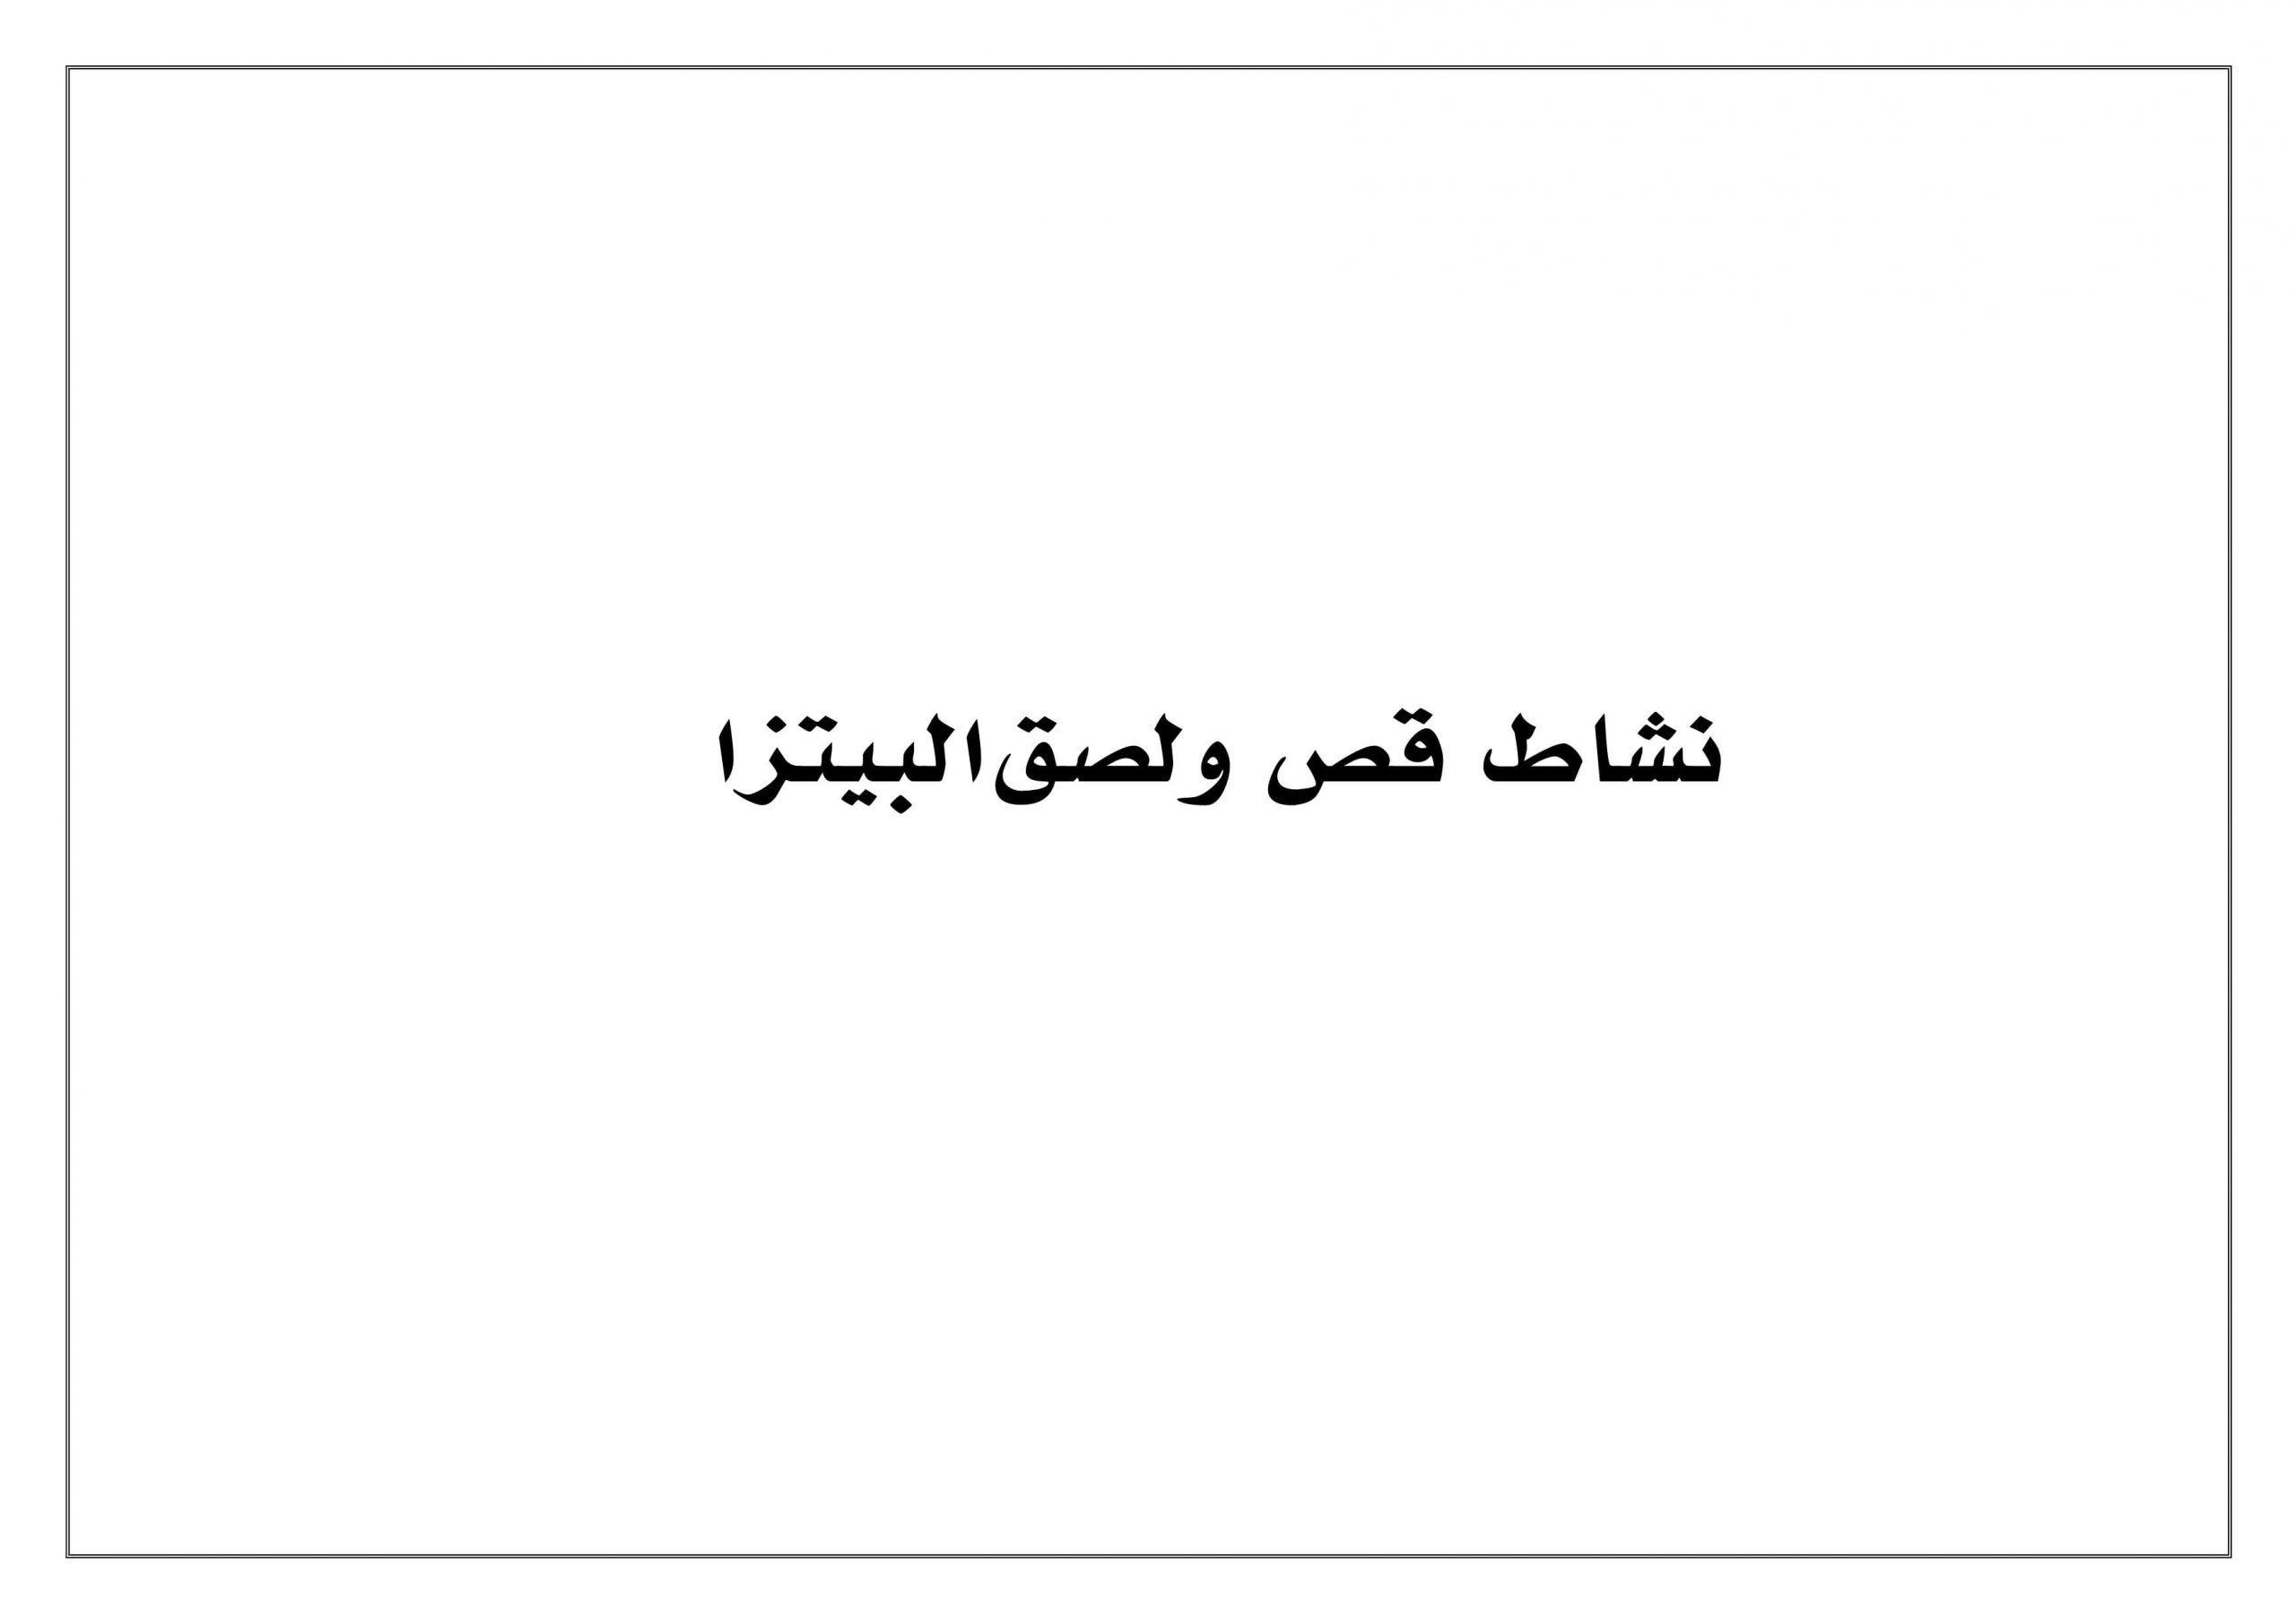 نشاط قص ولصق البيتزا لتنمية المهارات الحركية الدقيقة للاطفال Arabic Calligraphy Calligraphy Math